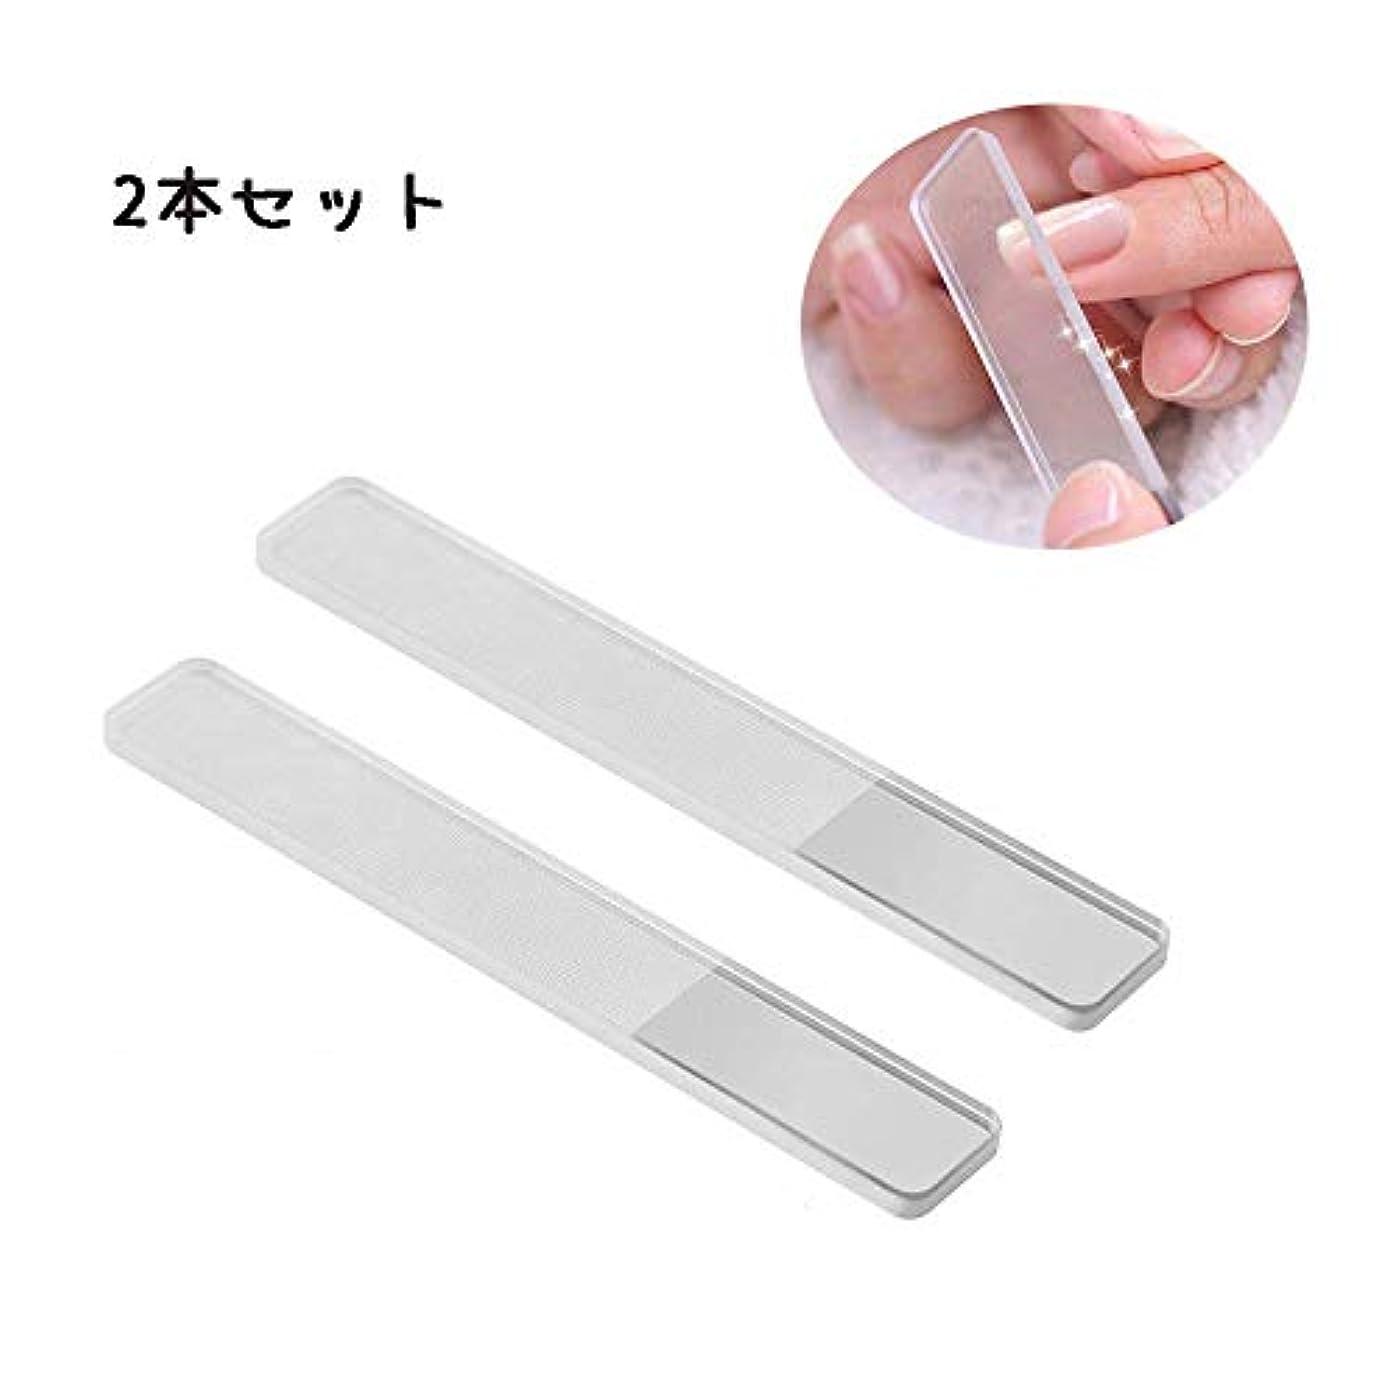 レタス配当必要条件爪やすり ガラス 爪磨き ガラス製 ネイルシャイナー ピカピカ ネイルケア ナノ技術が生んだ全く新しい 甘皮処理 携帯便利 収納ケース付き 2本 セット (2pcs)